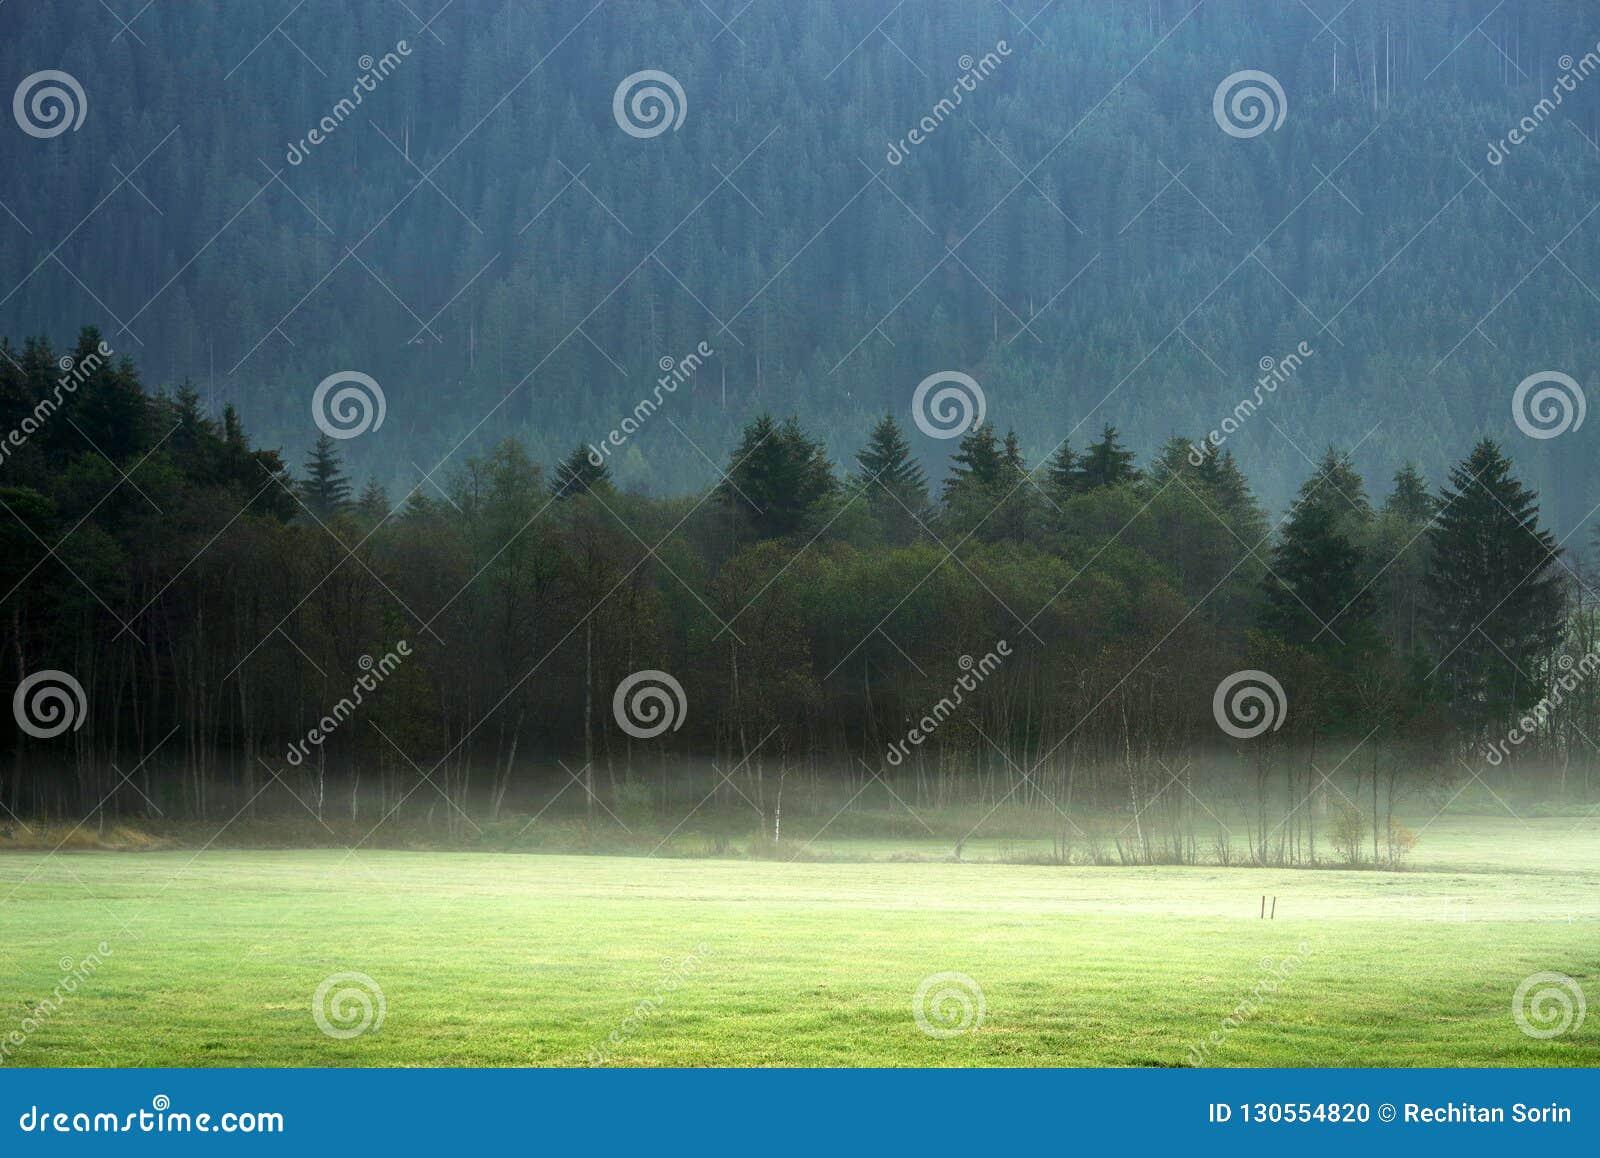 Träumerische Landschaft verloren im starken Nebel, Valle di Casies